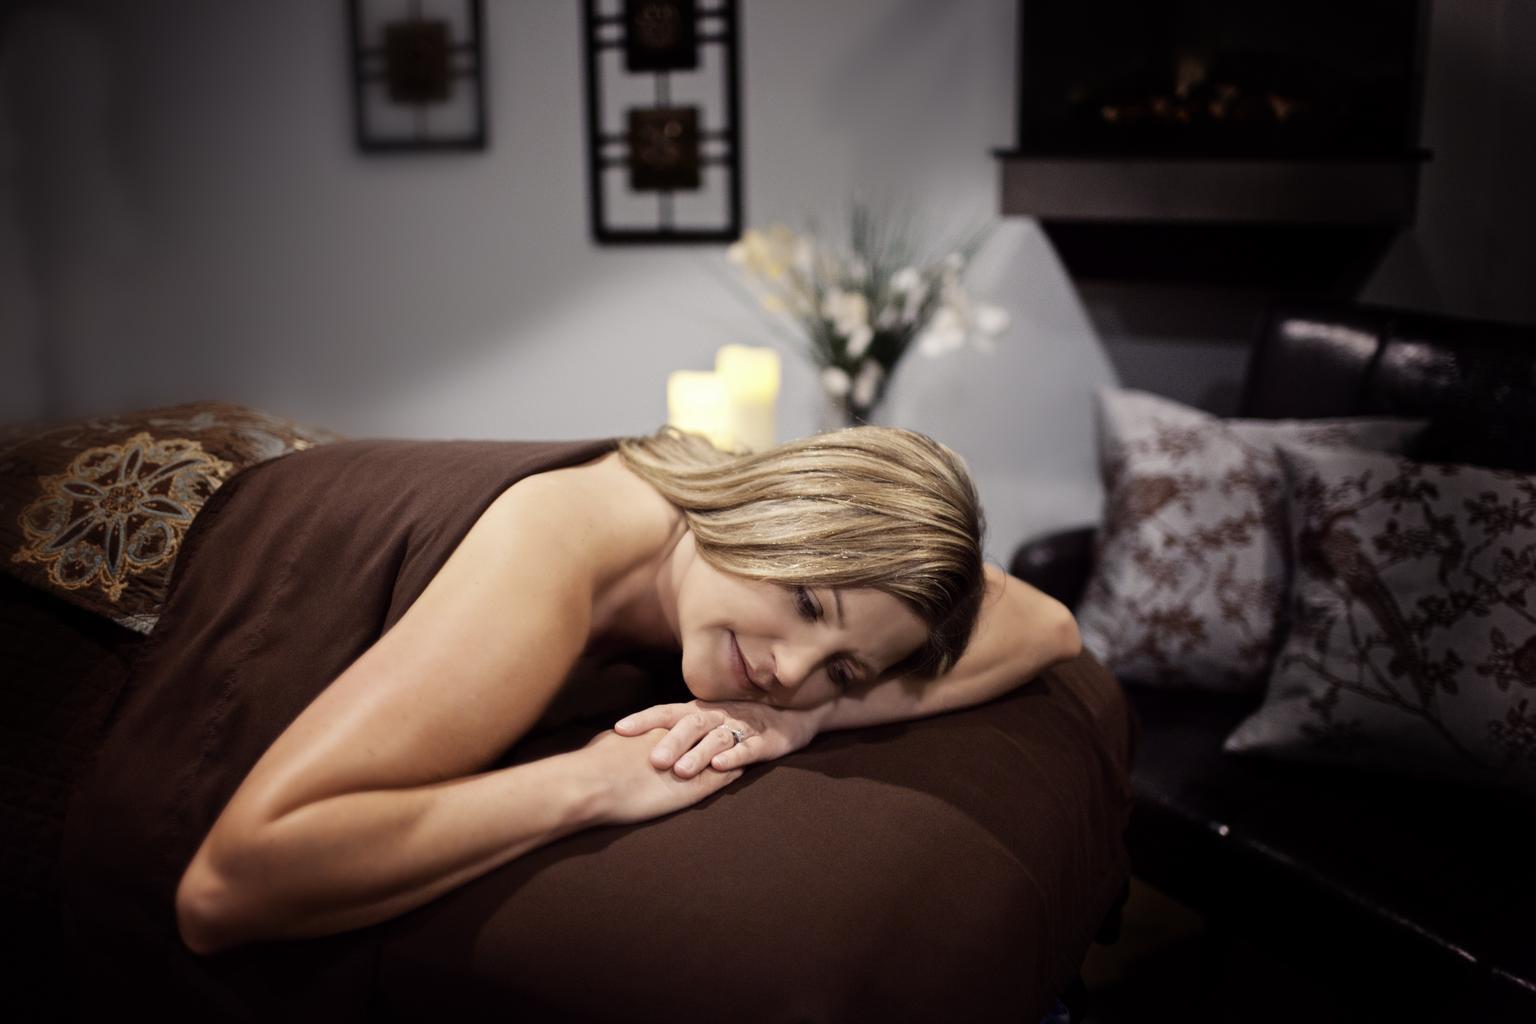 žena, posteľ, masáž